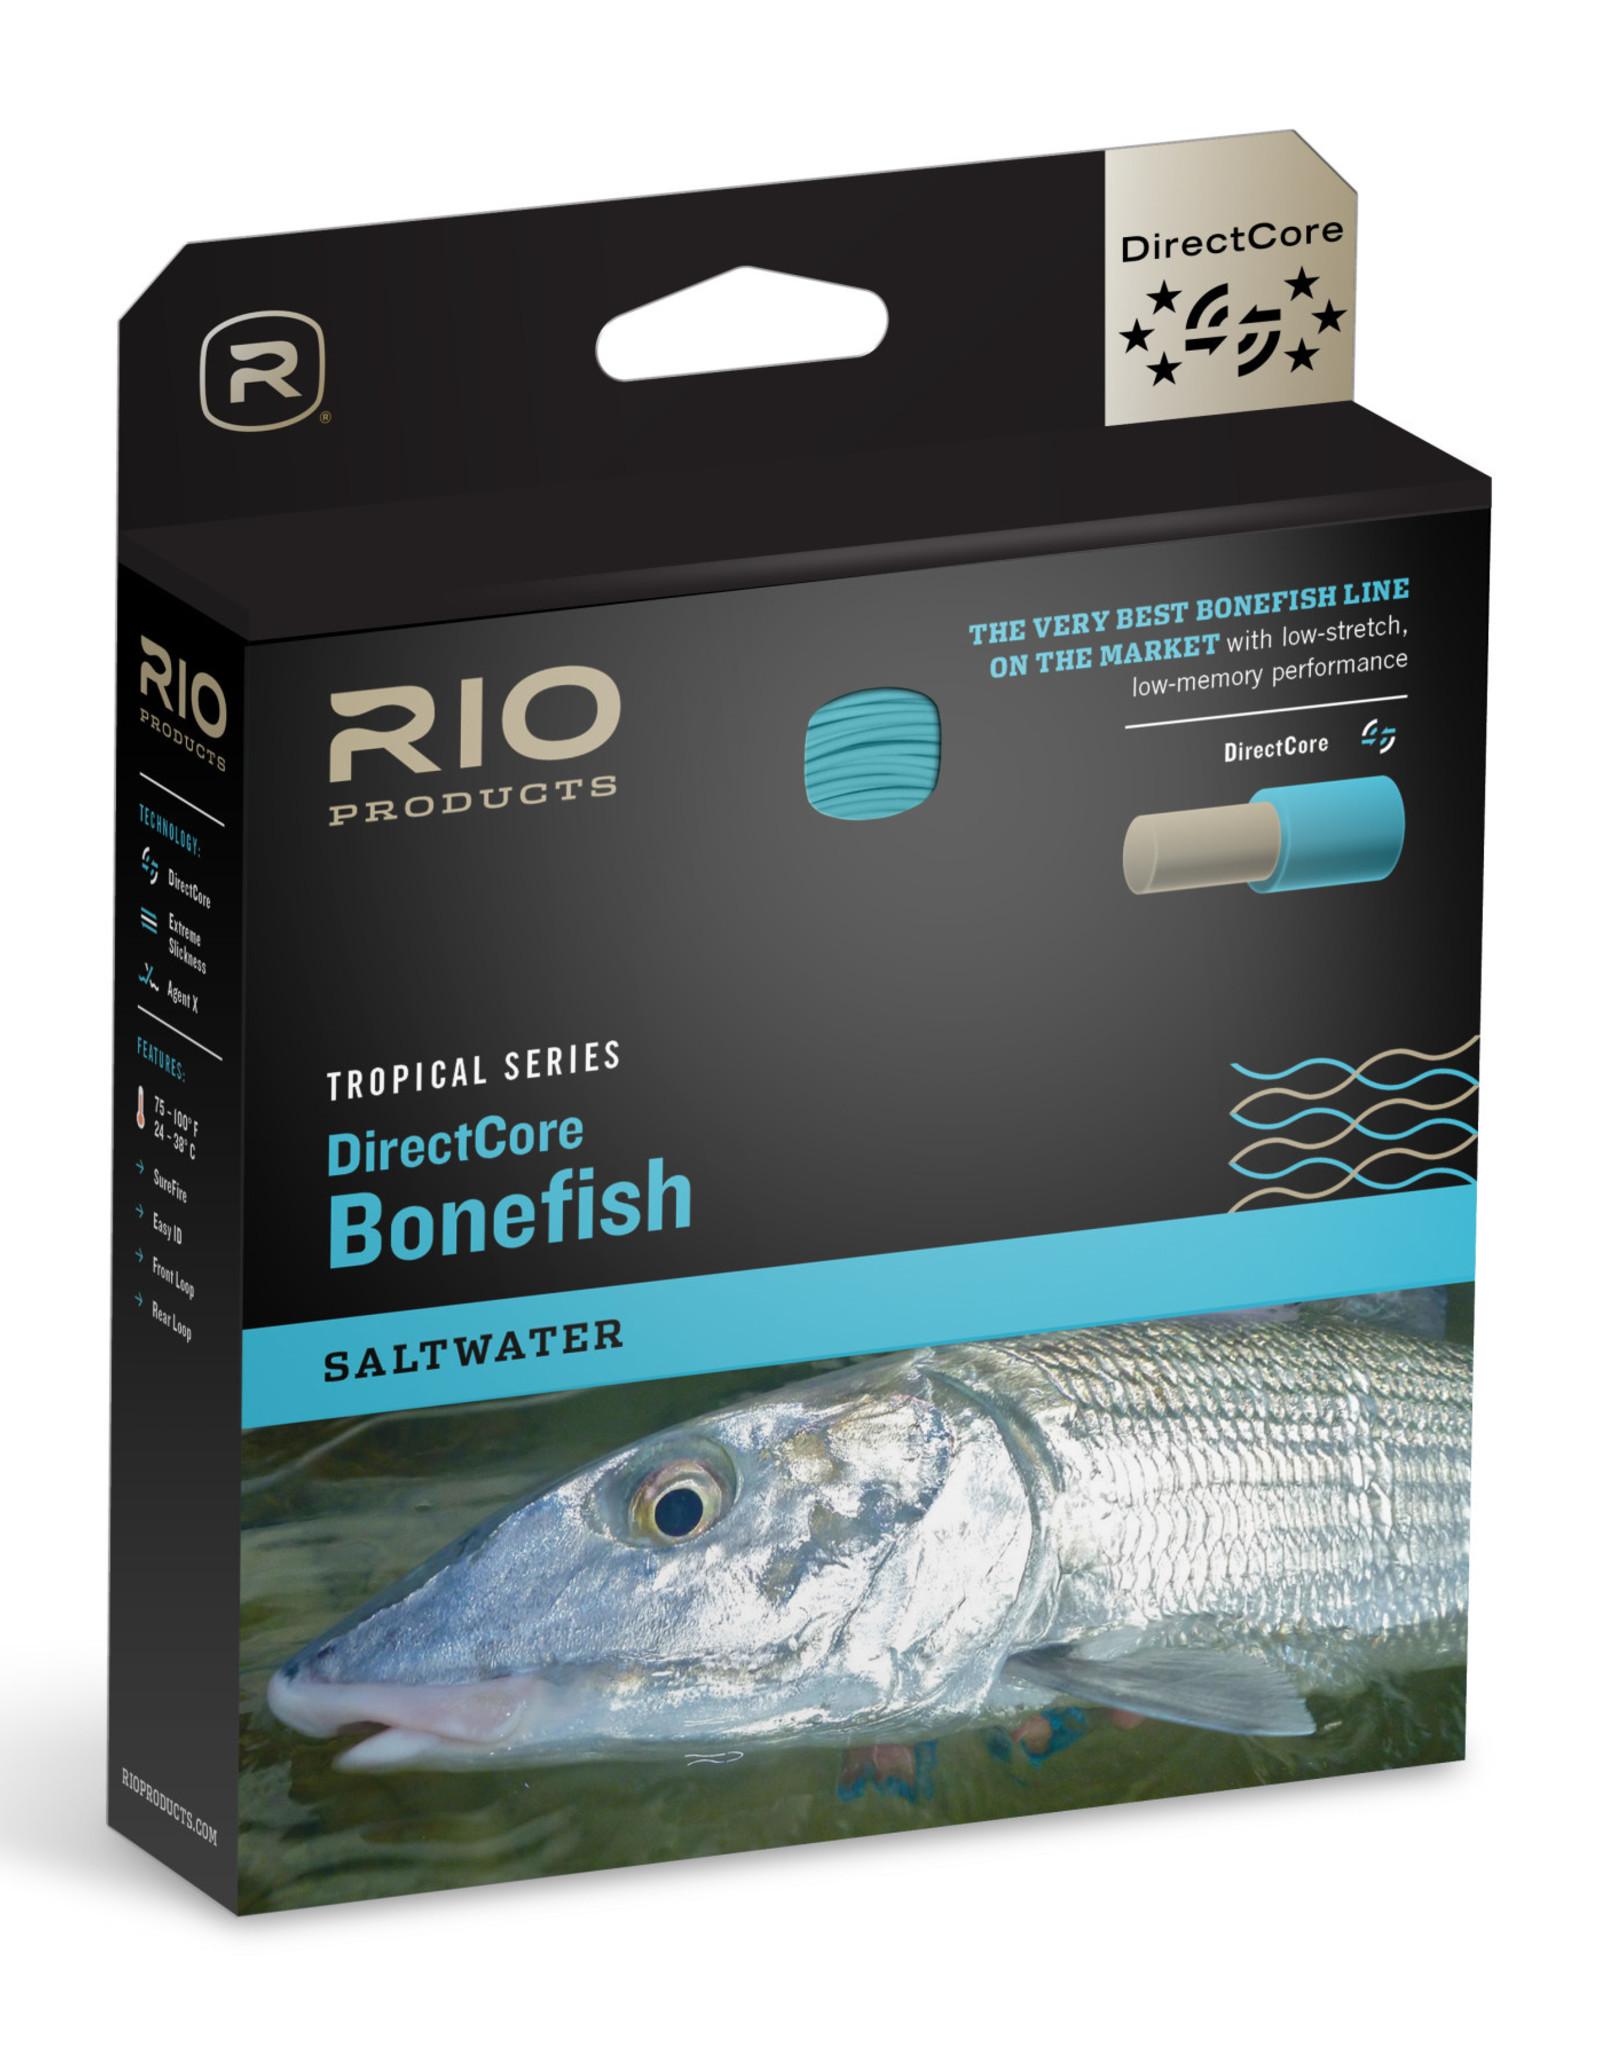 RIO Products DirectCore Bonefish